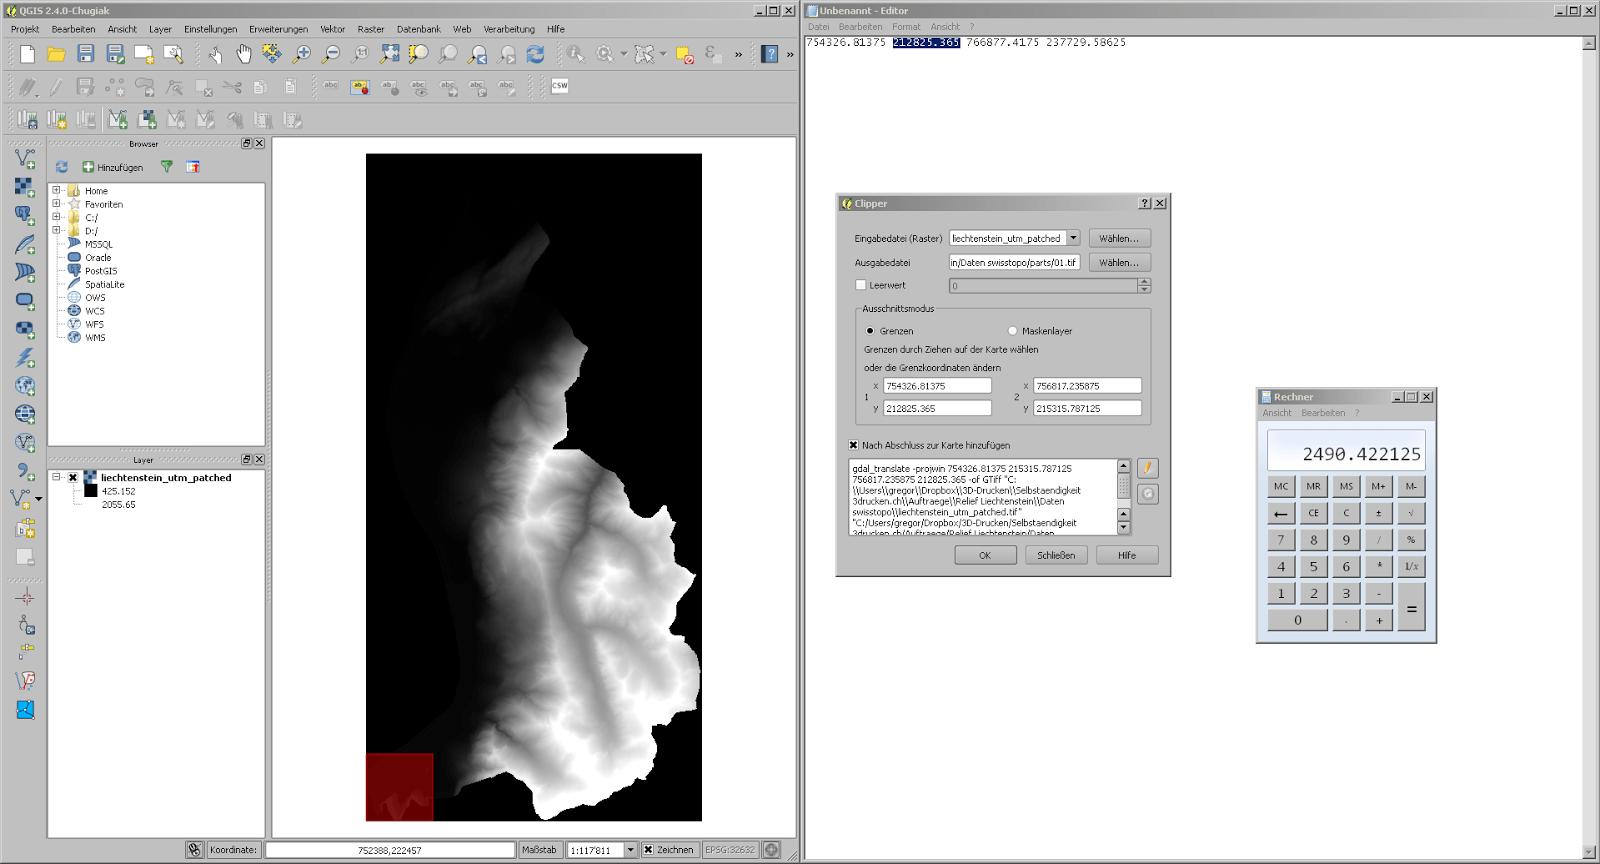 Screenshot vom Kacheln schneiden aus den swissALTI3D Daten von Liechtenstein in QGIS